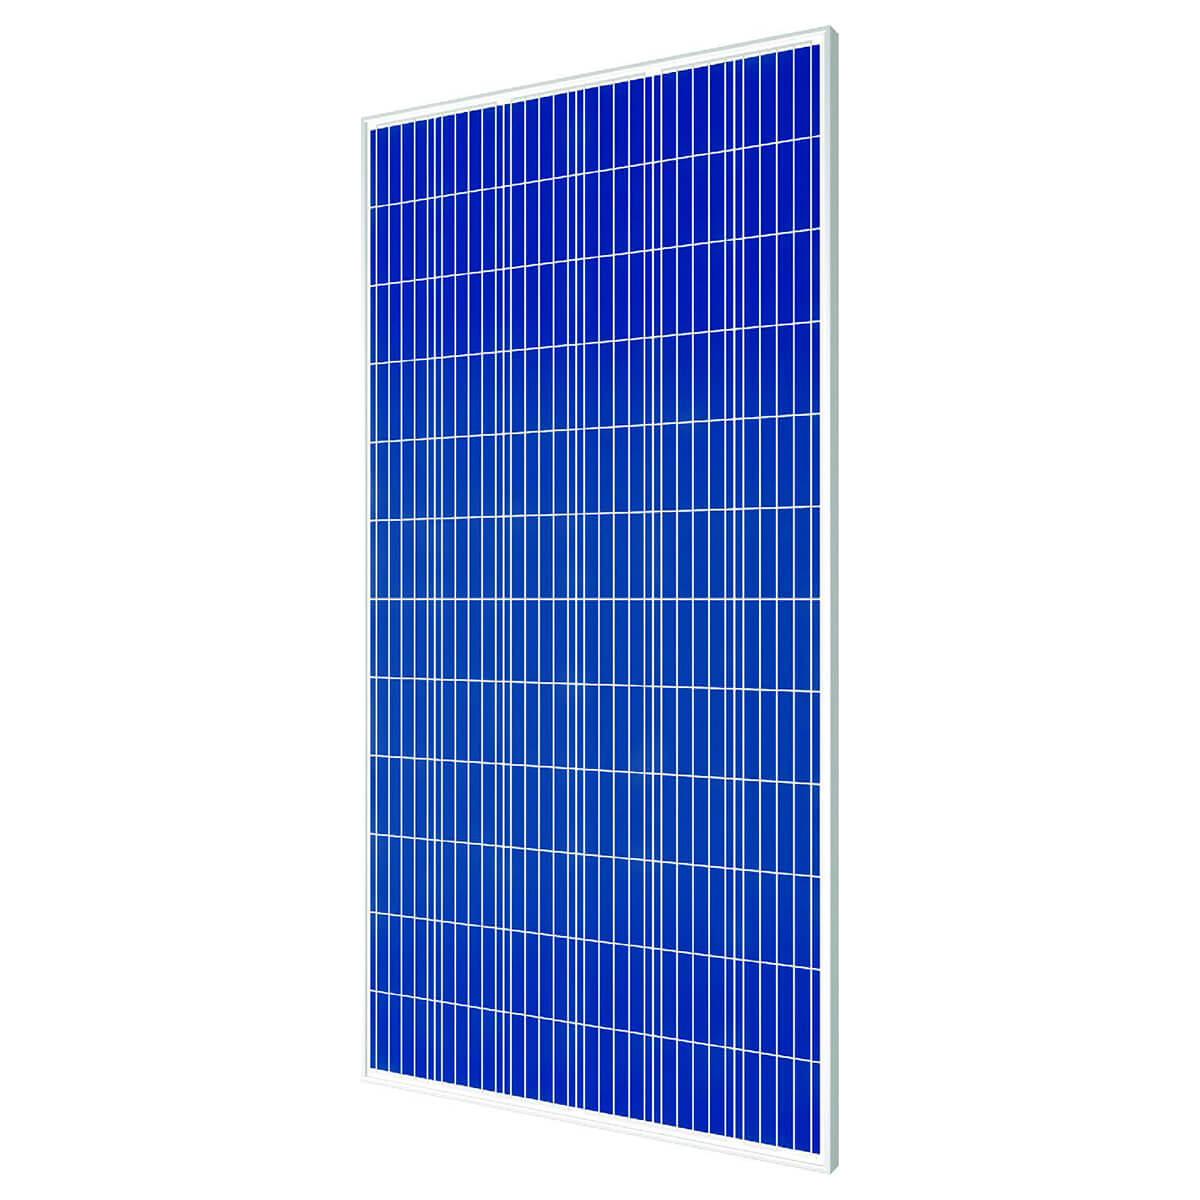 cw enerji 335W panel, cw enerji 335Watt panel, cw enerji 335 W panel, cw enerji 335 Watt panel, cw enerji 335 Watt polikristal panel, cw enerji 335 W watt gunes paneli, cw enerji 335 W watt polikristal gunes paneli, cw enerji 335 W Watt fotovoltaik polikristal solar panel, cw enerji 335W polikristal gunes enerjisi, cw enerji CWT335-72P-335 panel, CW Enerji 335WATT